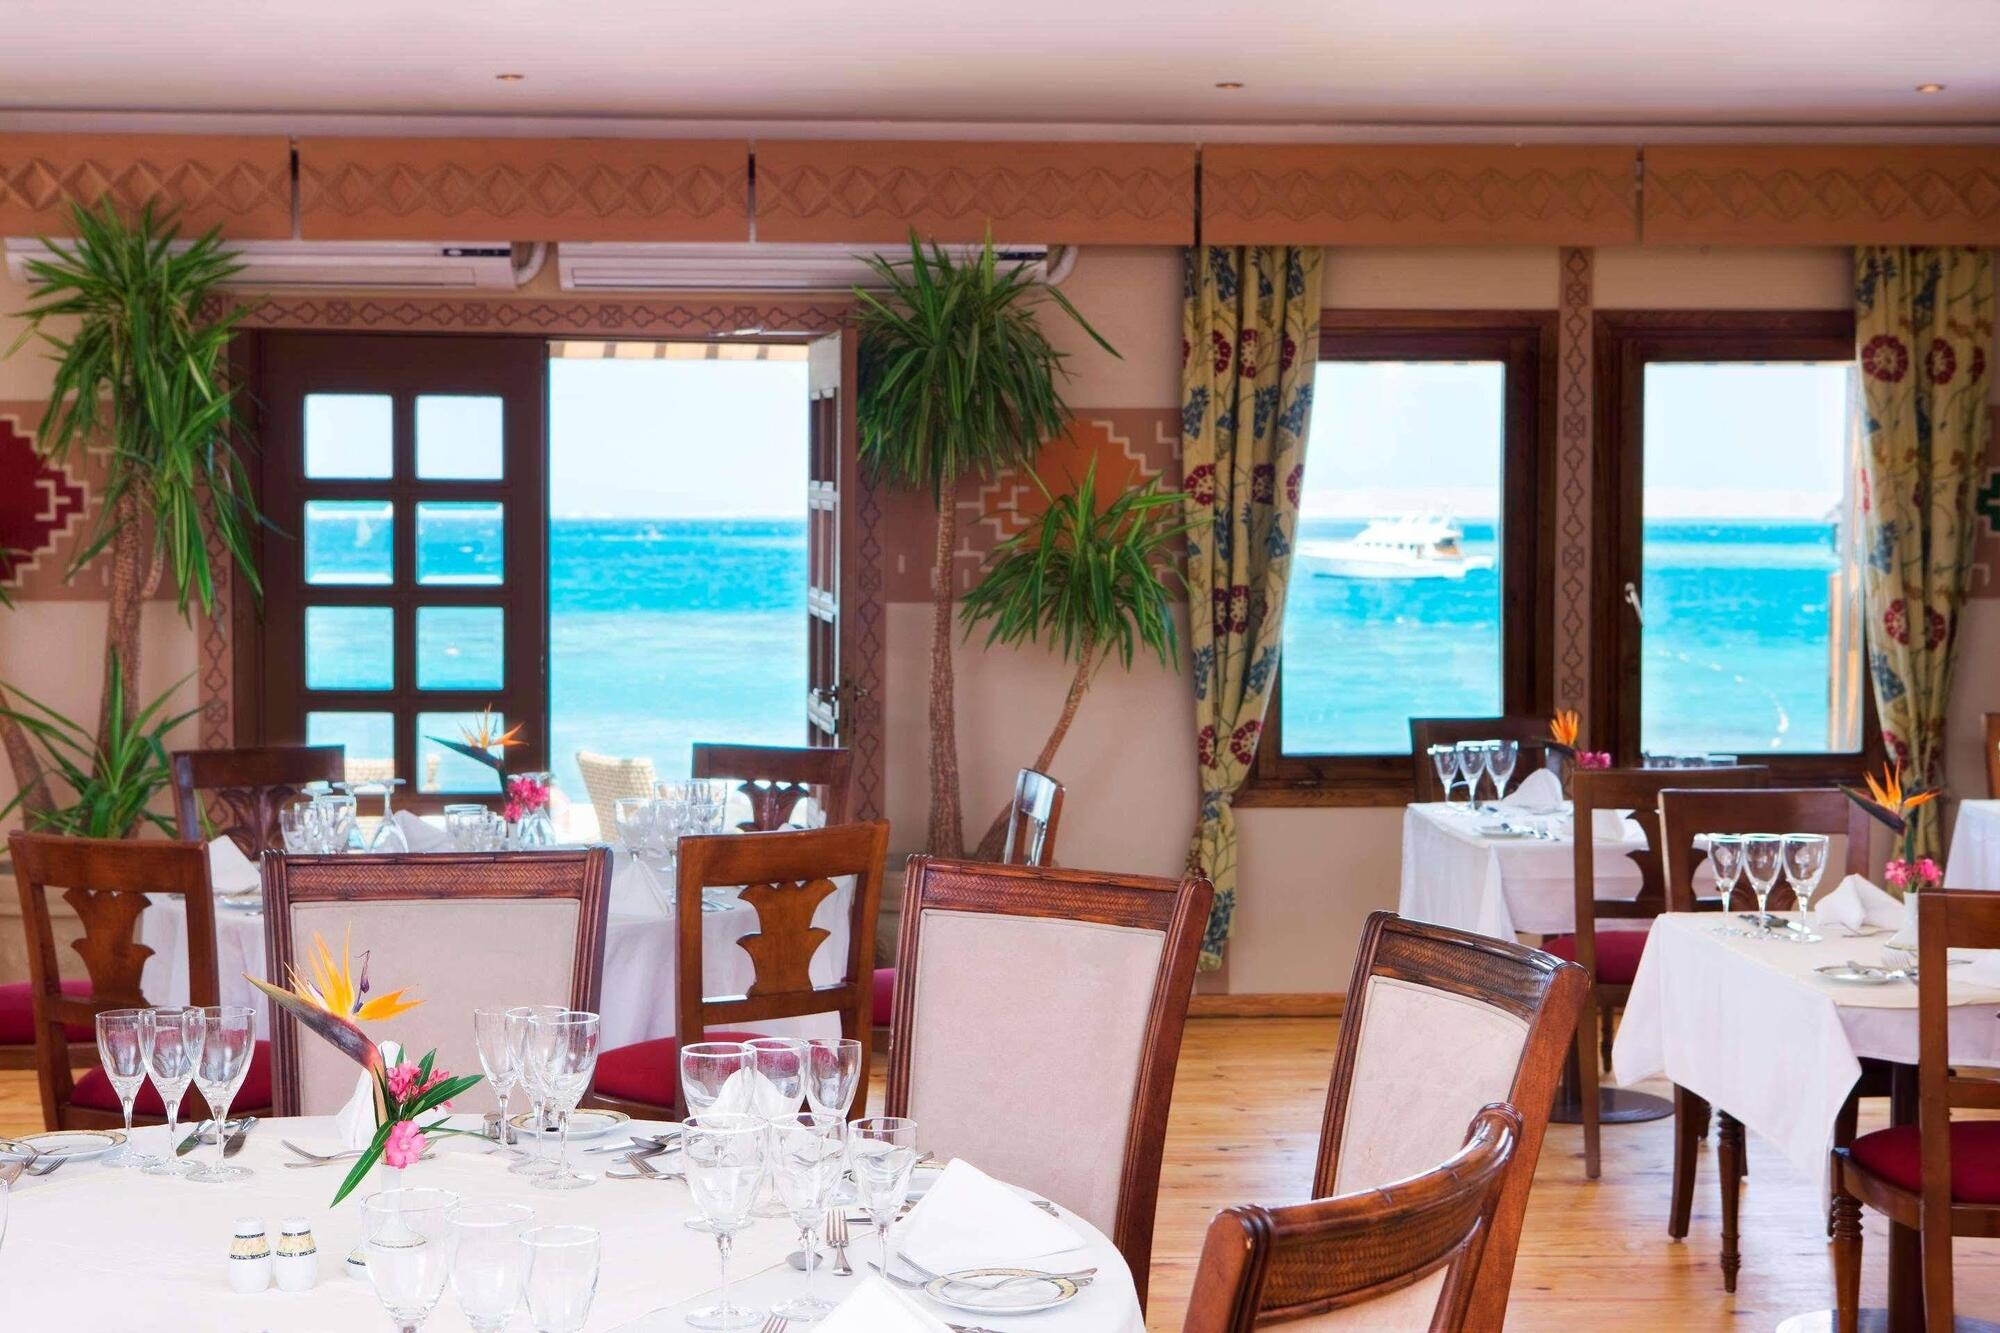 Steigenberger Aldau Beach Hotel, Hurghada Image 24